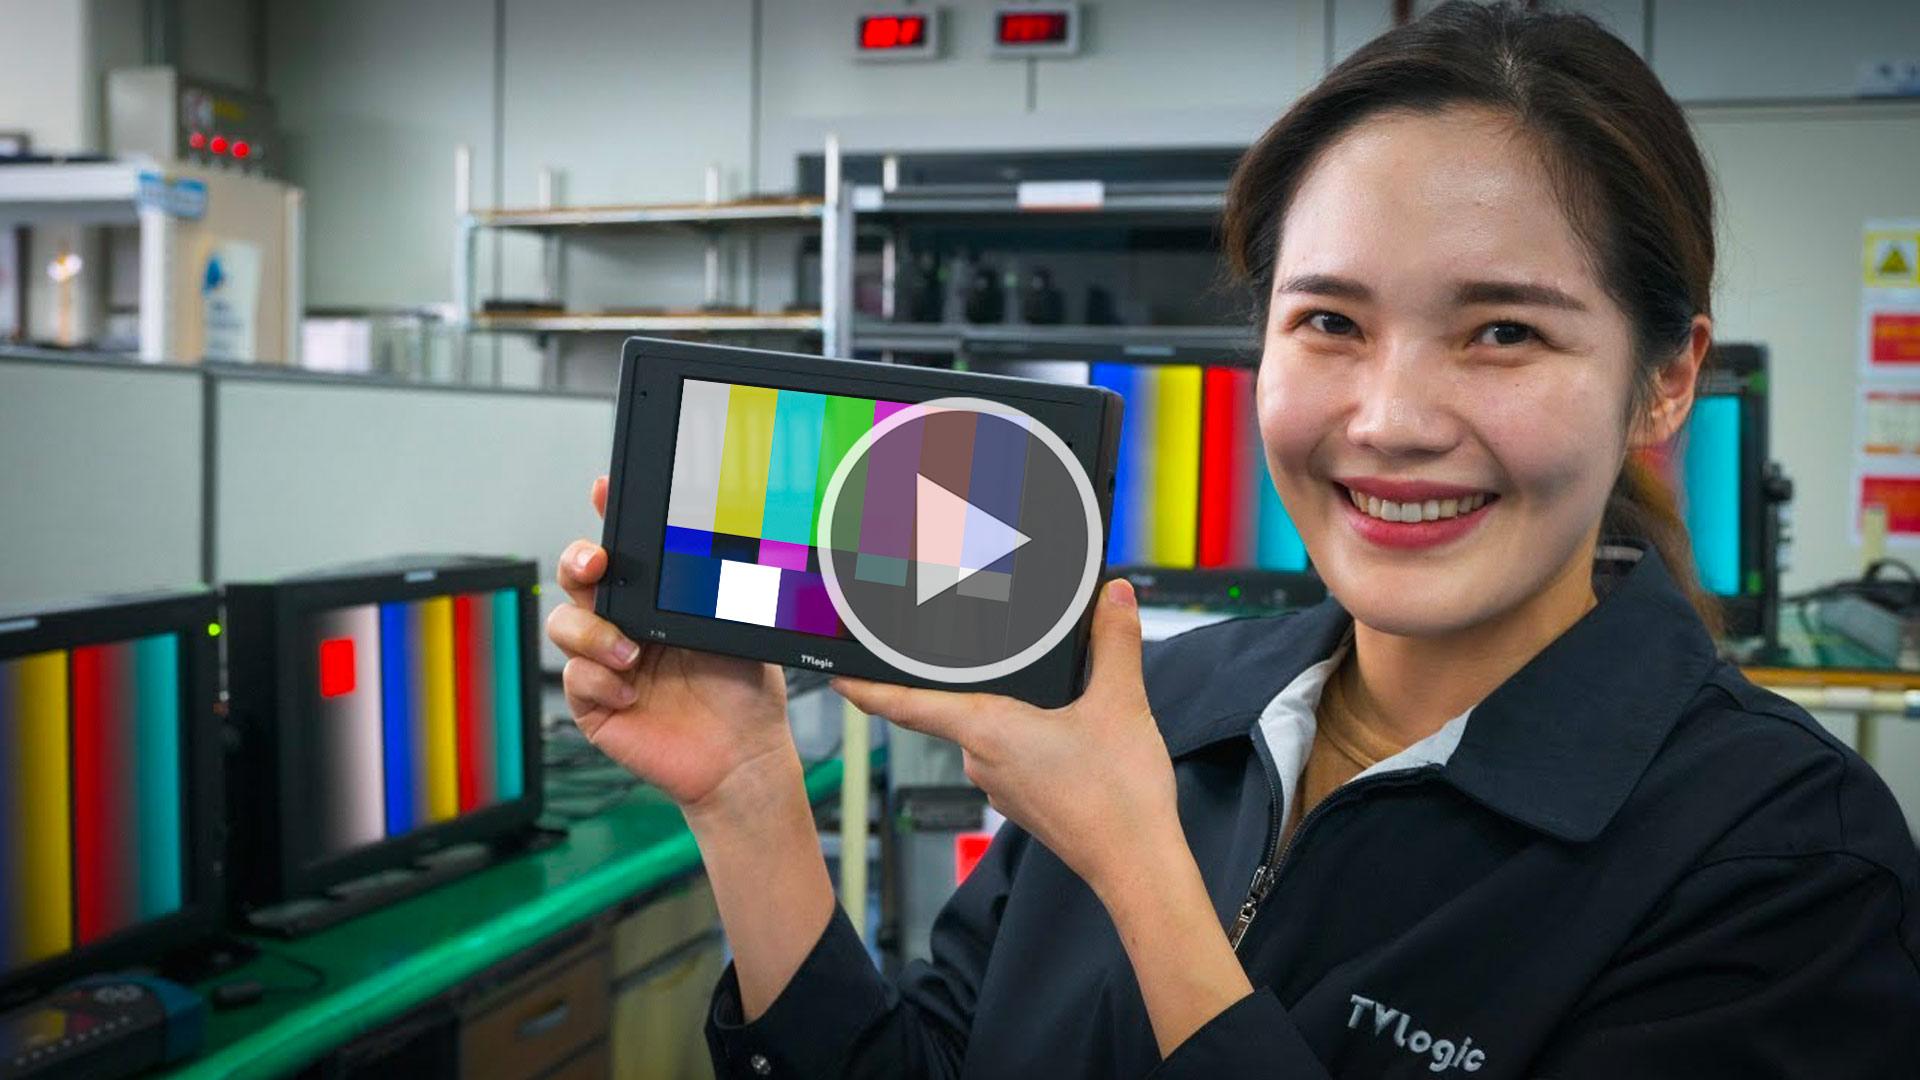 Recorrido por la fábrica de TVLogic – mira cómo se hace tu monitor – exclusivo de cinema5D